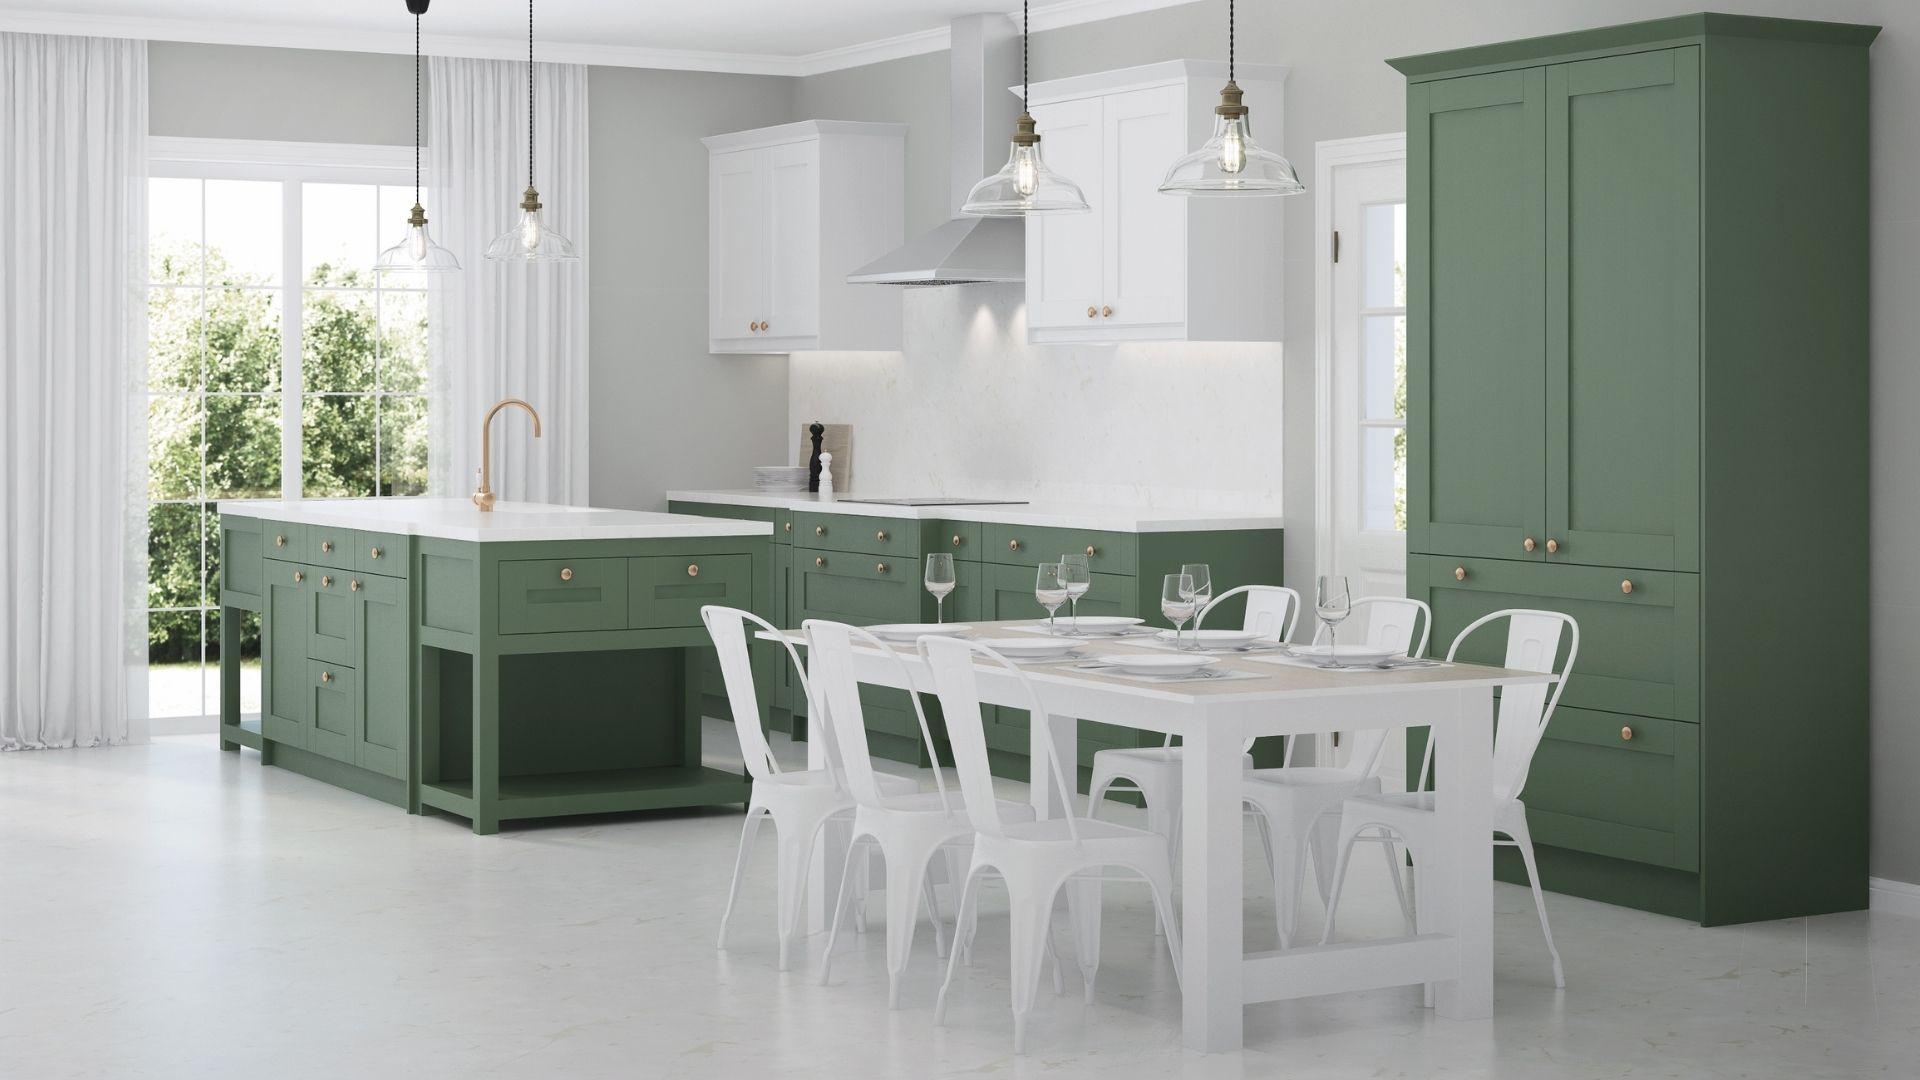 kuchnia w butelkowej zieleni